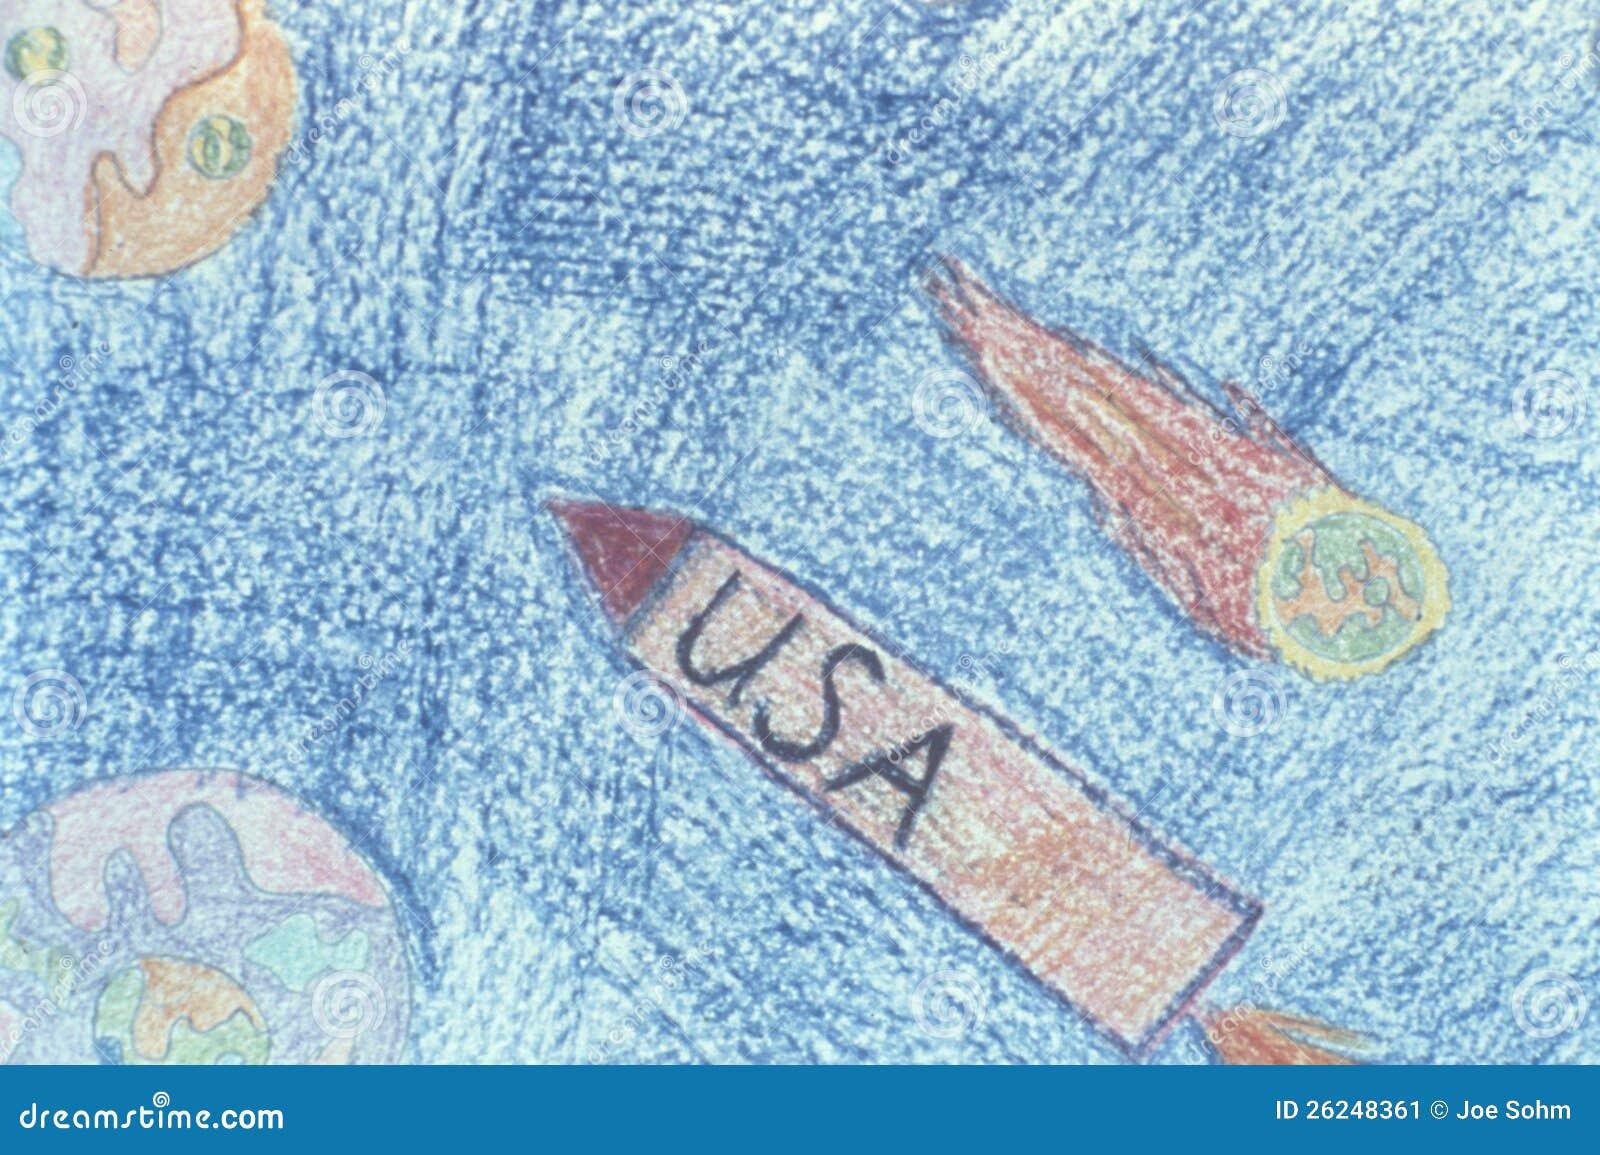 Amerikanische Rakete im Weltraum